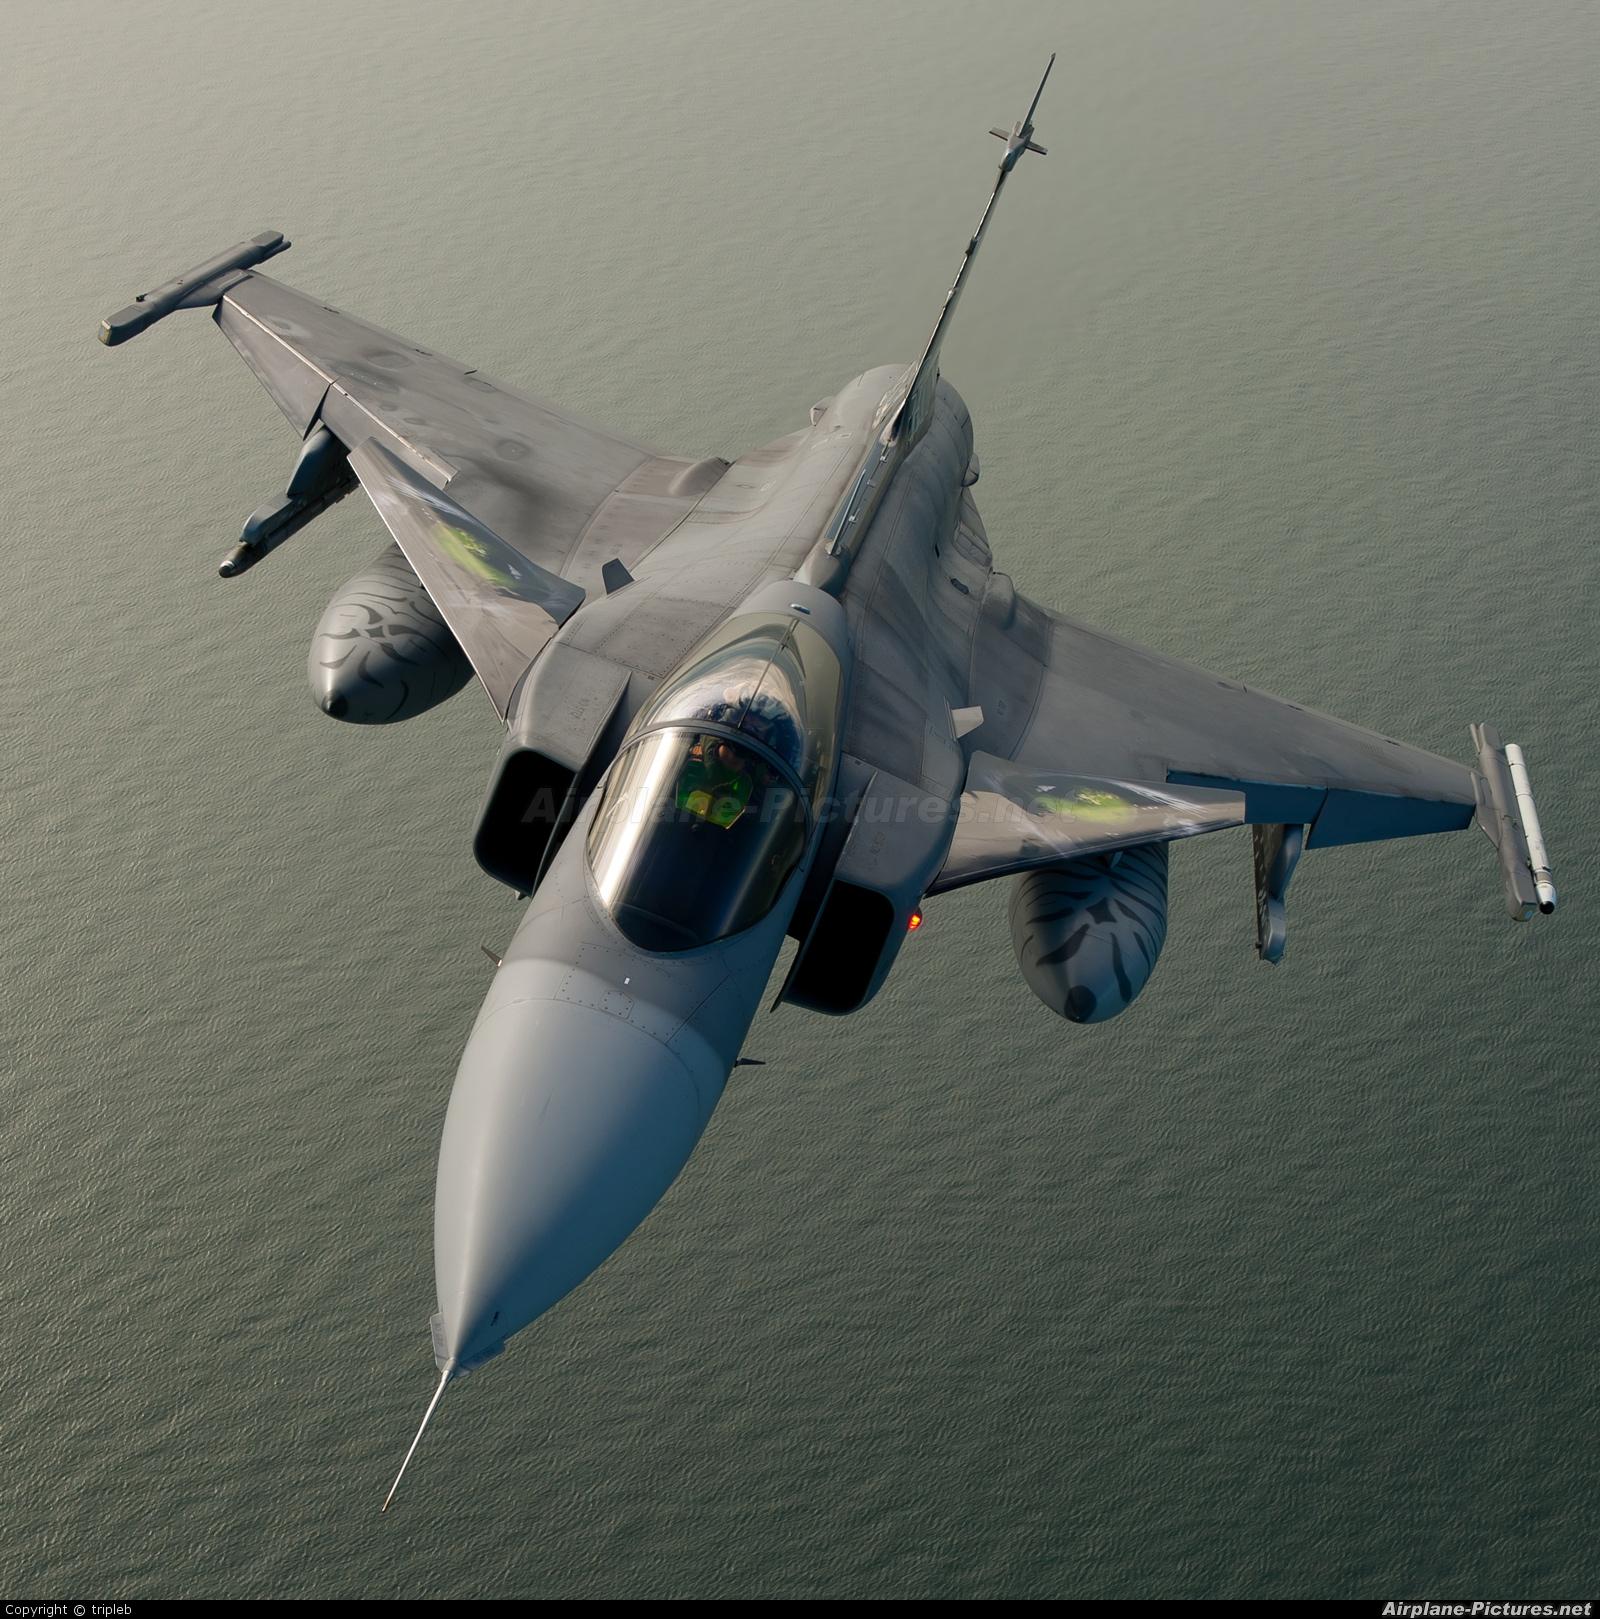 Czech - Air Force 9245 aircraft at In Flight - Netherlands